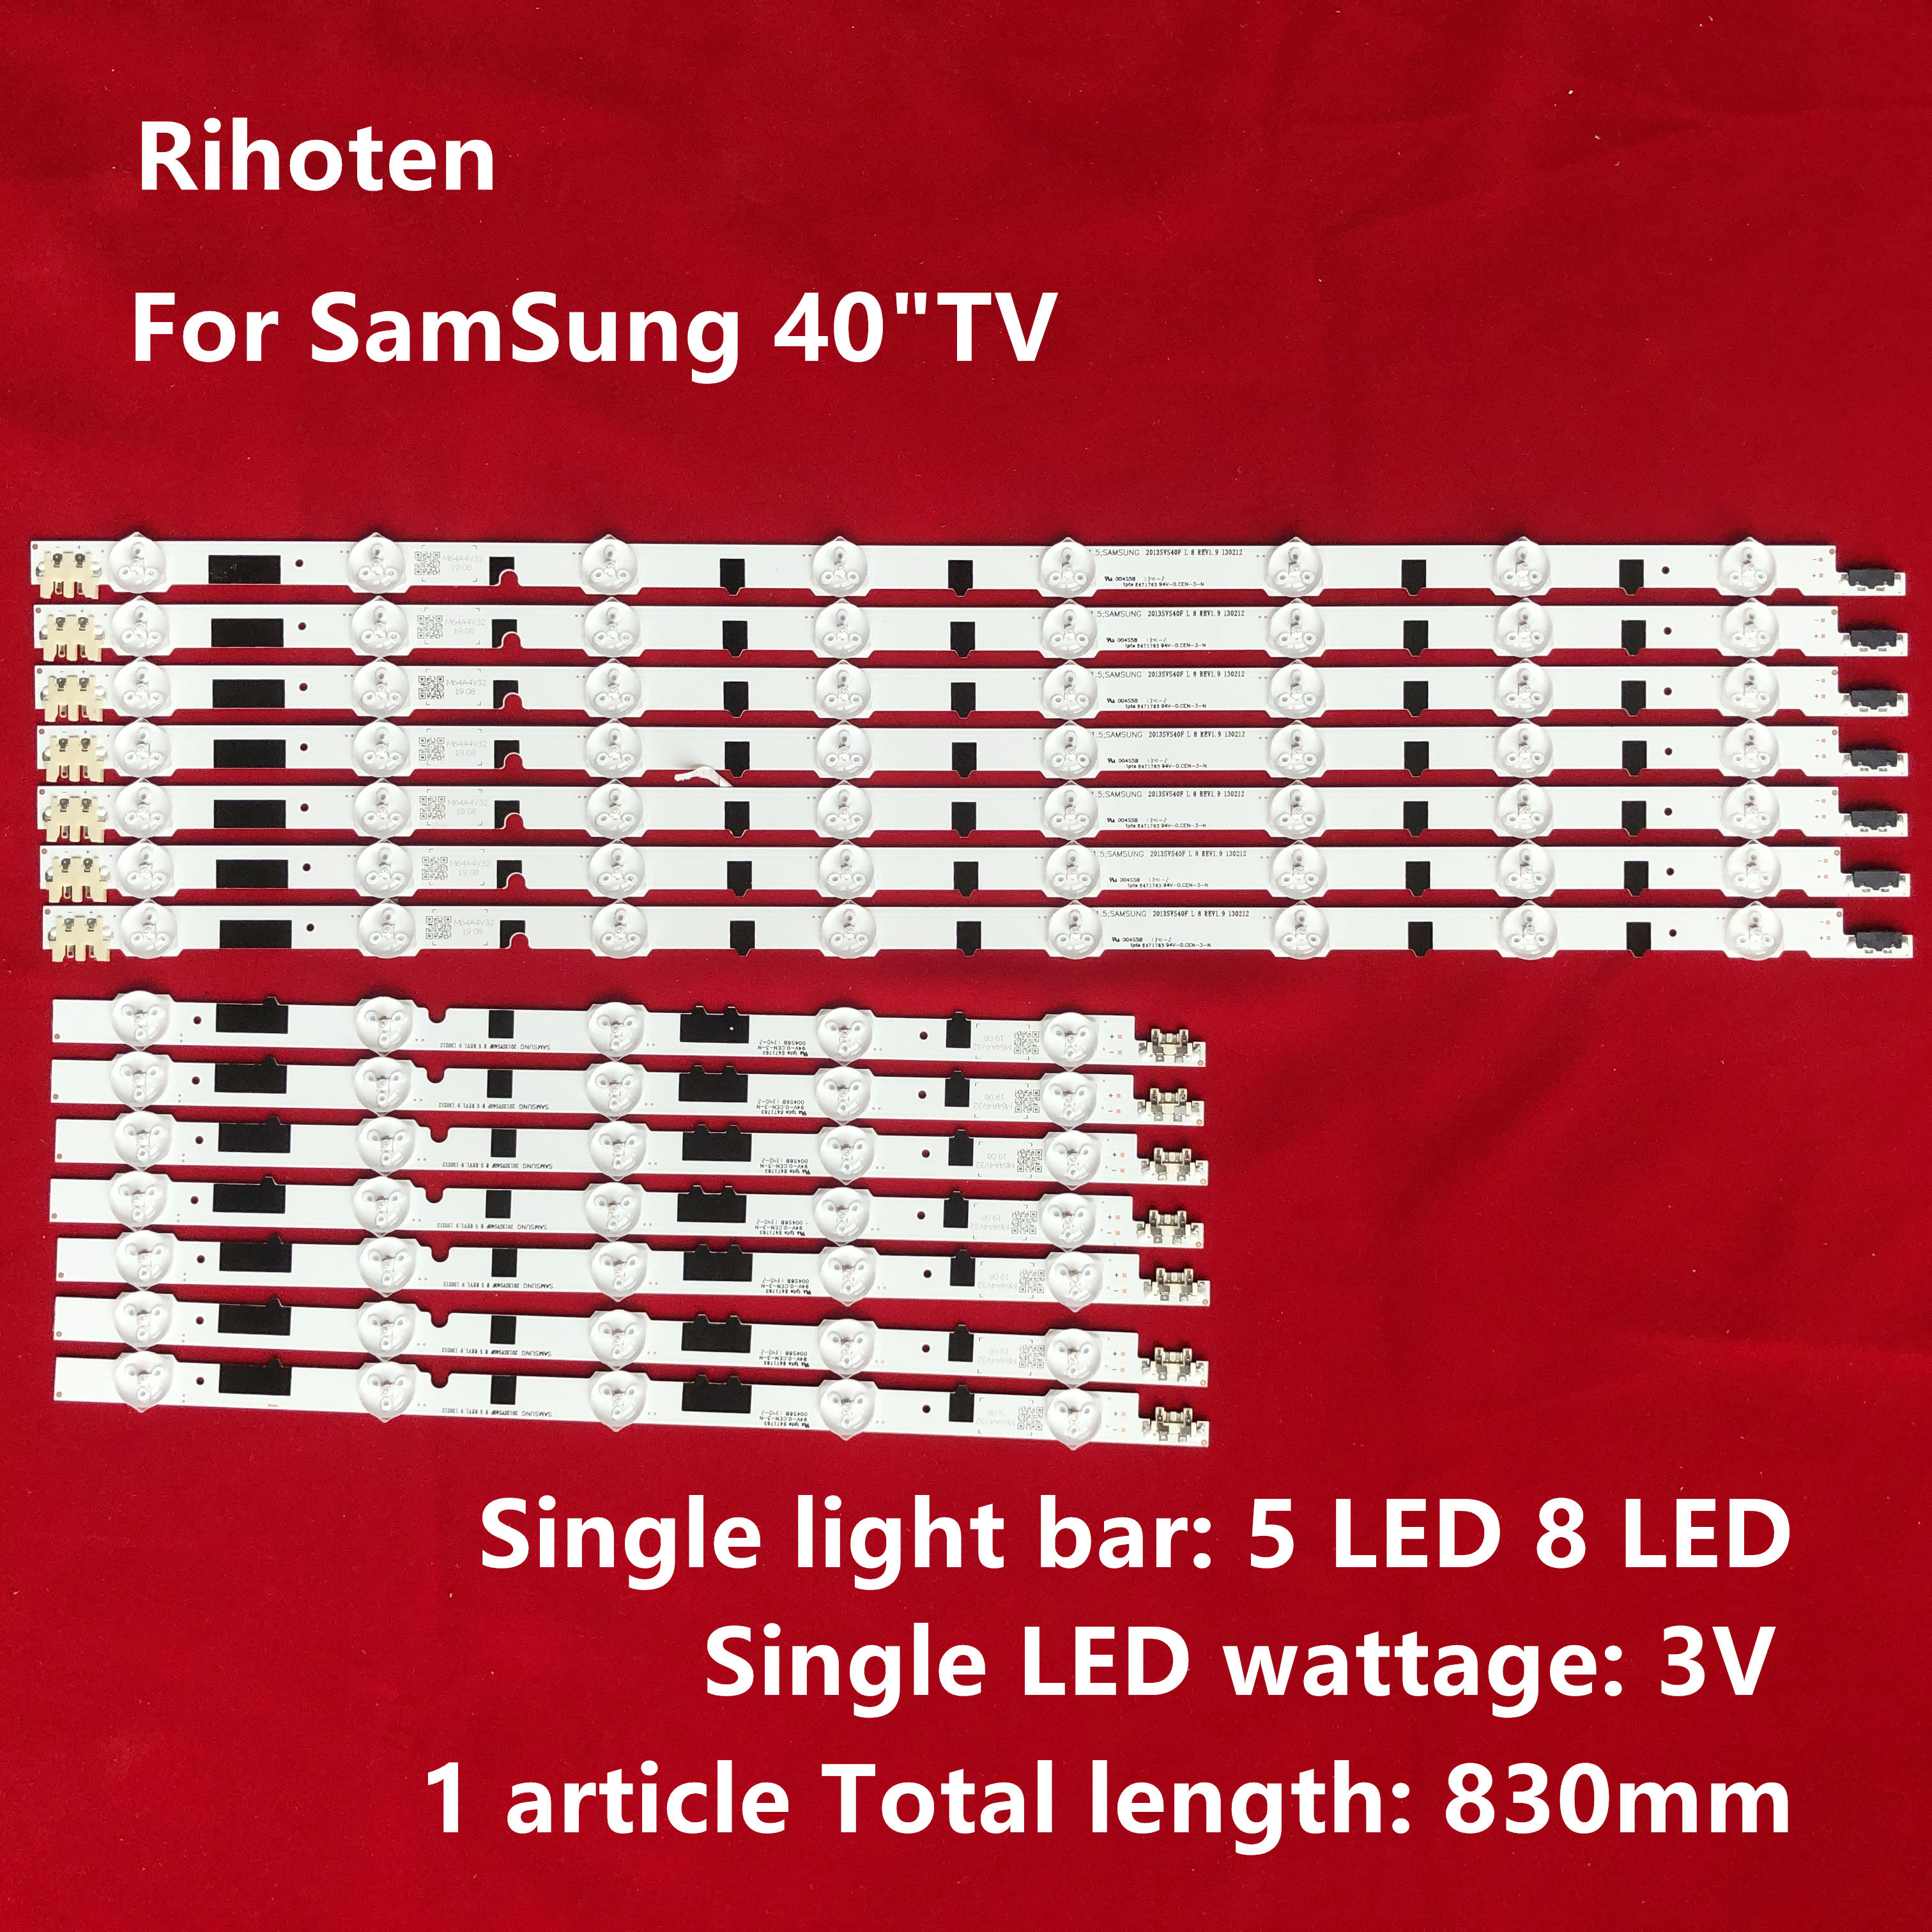 (Новый комплект) 14 шт. светодиодных лент для Samsung UE40F6755 UE40F6770 UE40F6780 UN40F6100 UN40F6300 UN40F5200 UN40F5500 UN40F6800 UE40F6330